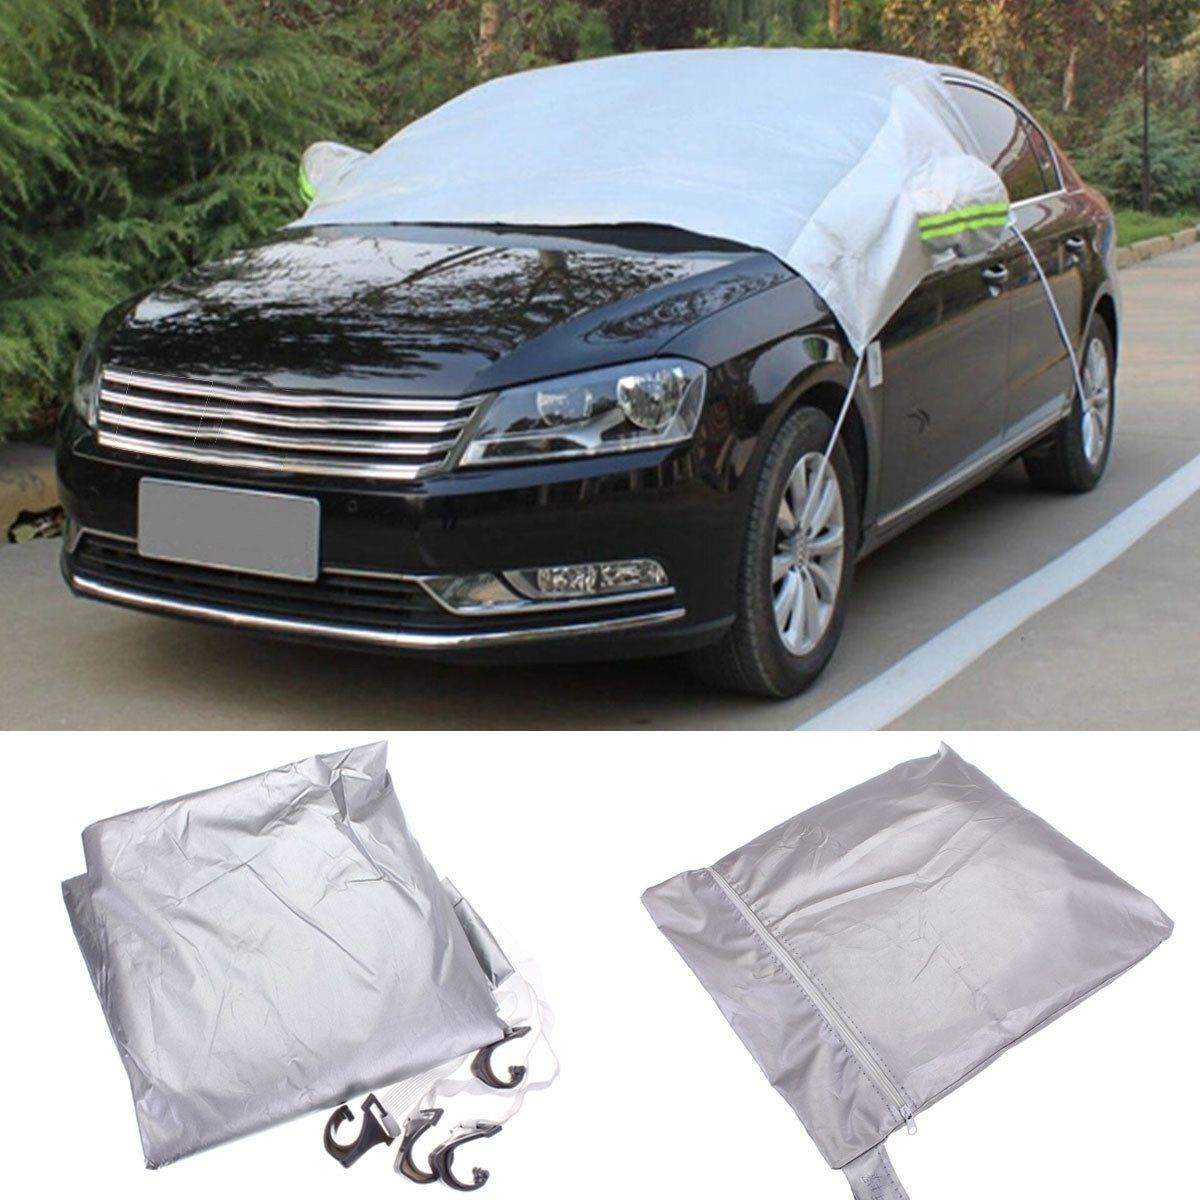 238x169 cm Auto Windschutz Abdeckung Wärme Sonne Schatten Anti Schnee Frost Eis Schild Staub Protector Universal